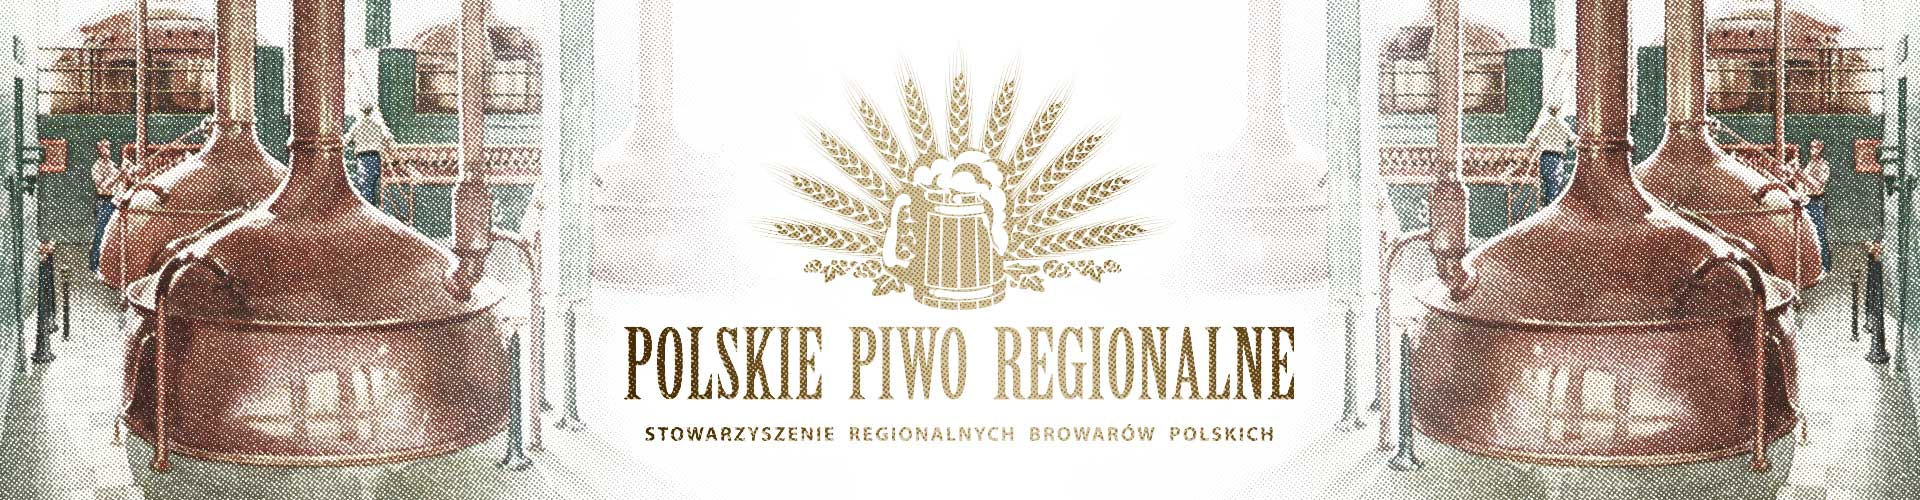 Stowarzyszenie Regionalnych Browarów Polskich